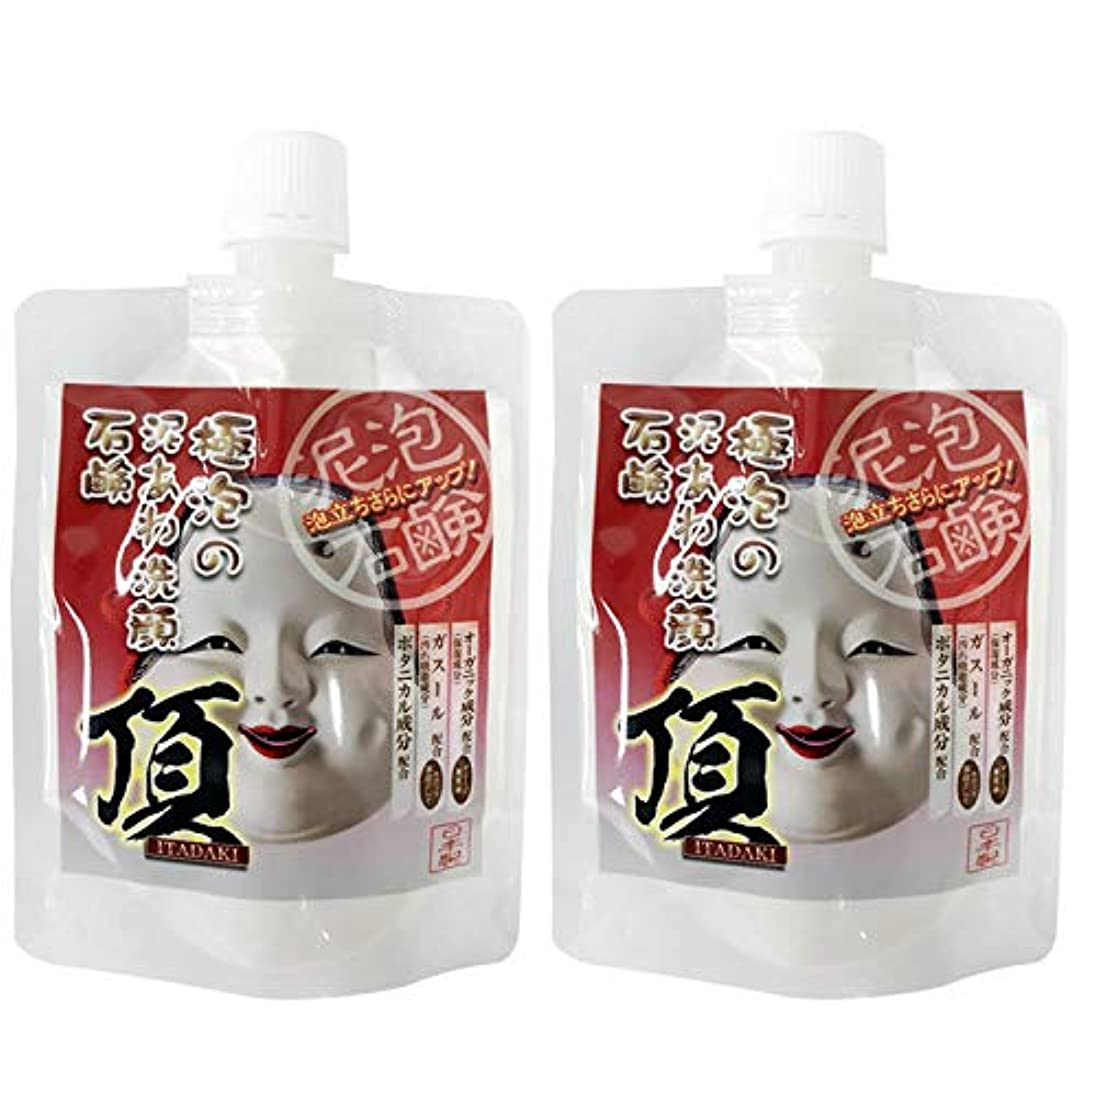 リス恐れくびれた極泡の泥あわ洗顔石鹸 頂 130g×2 ガスール 豆乳 ボタニカル 酒粕 エキス配合